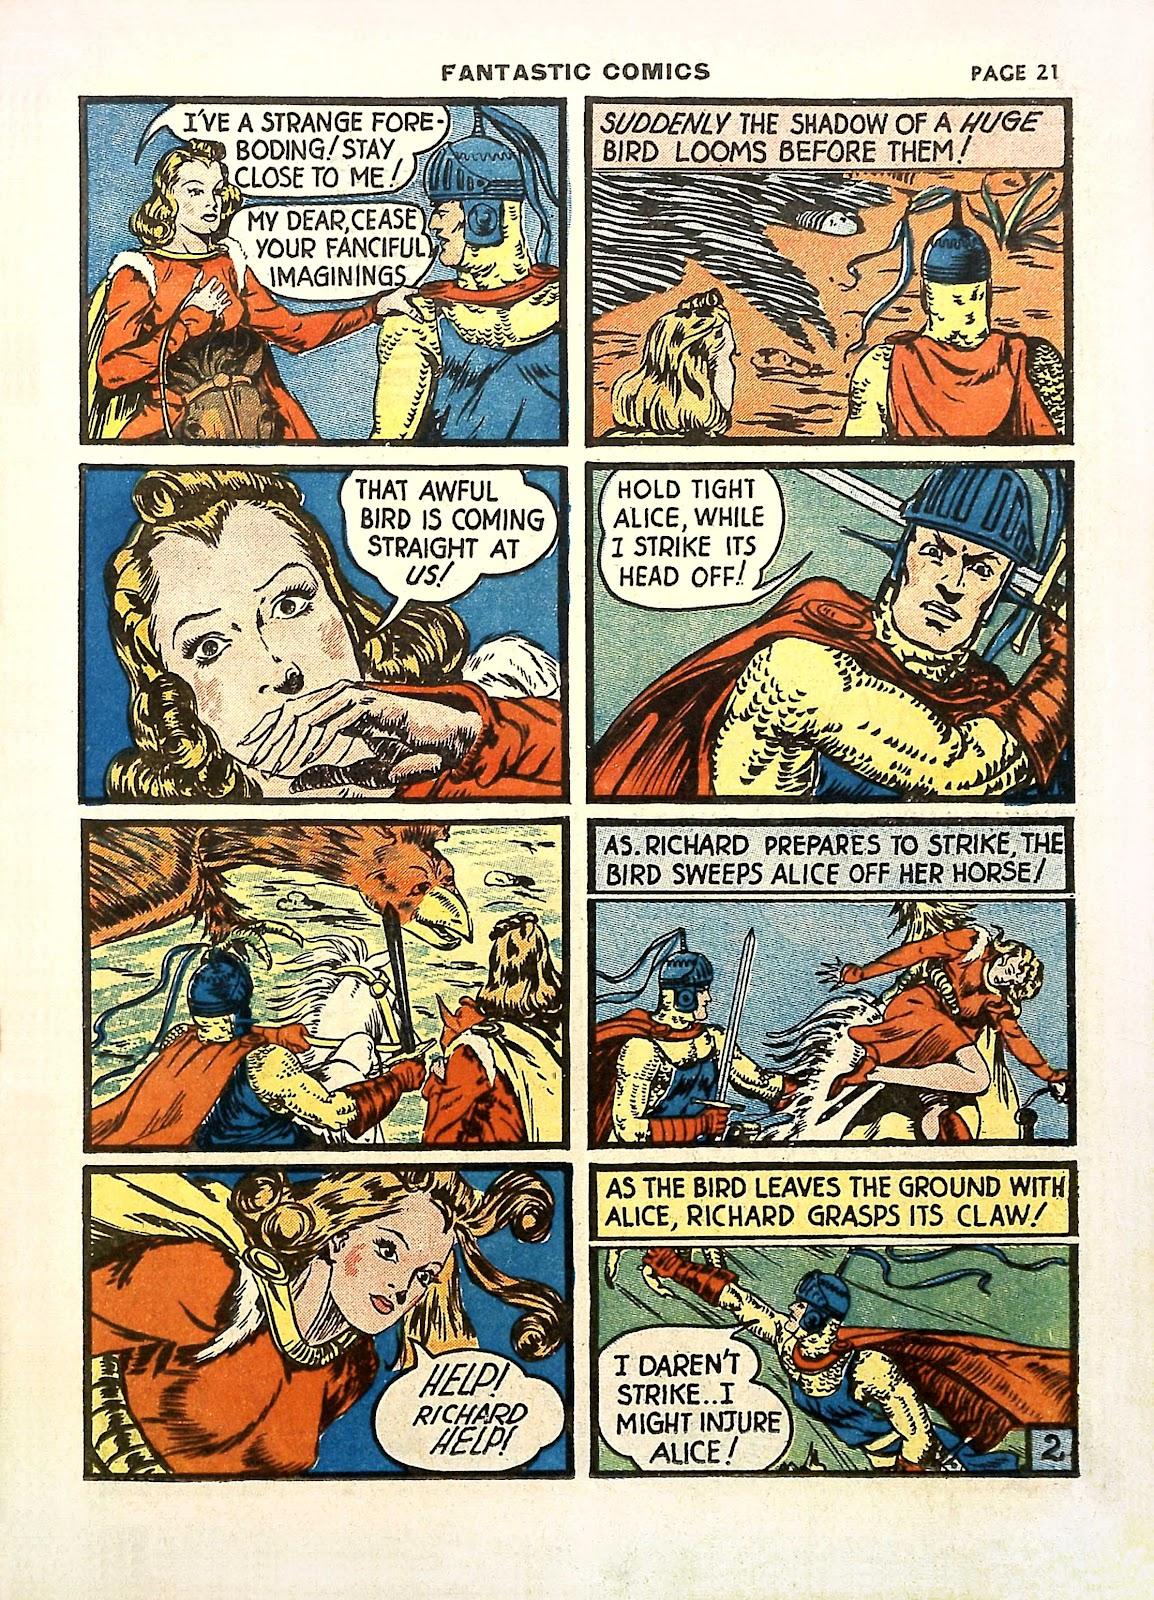 Read online Fantastic Comics comic -  Issue #11 - 24